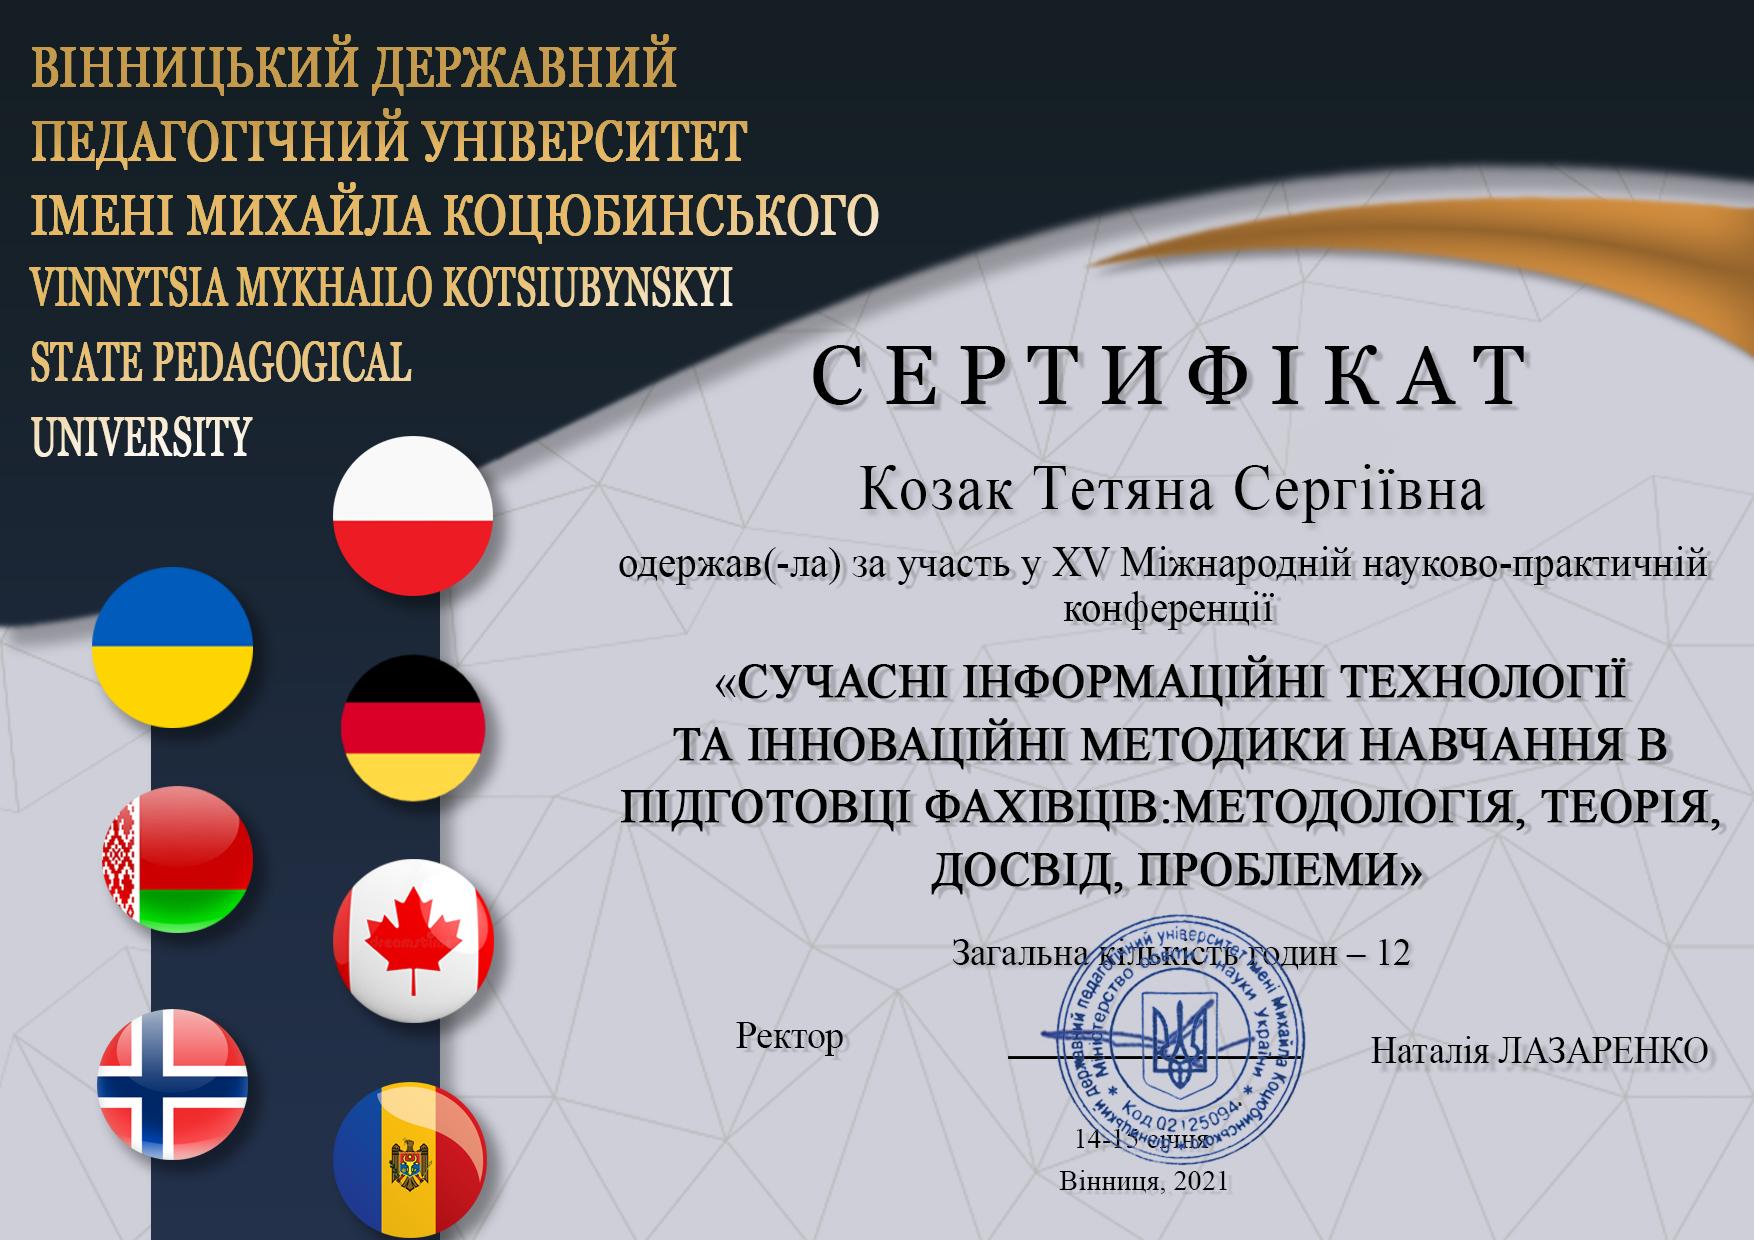 Козак Тетяна Сергіївна